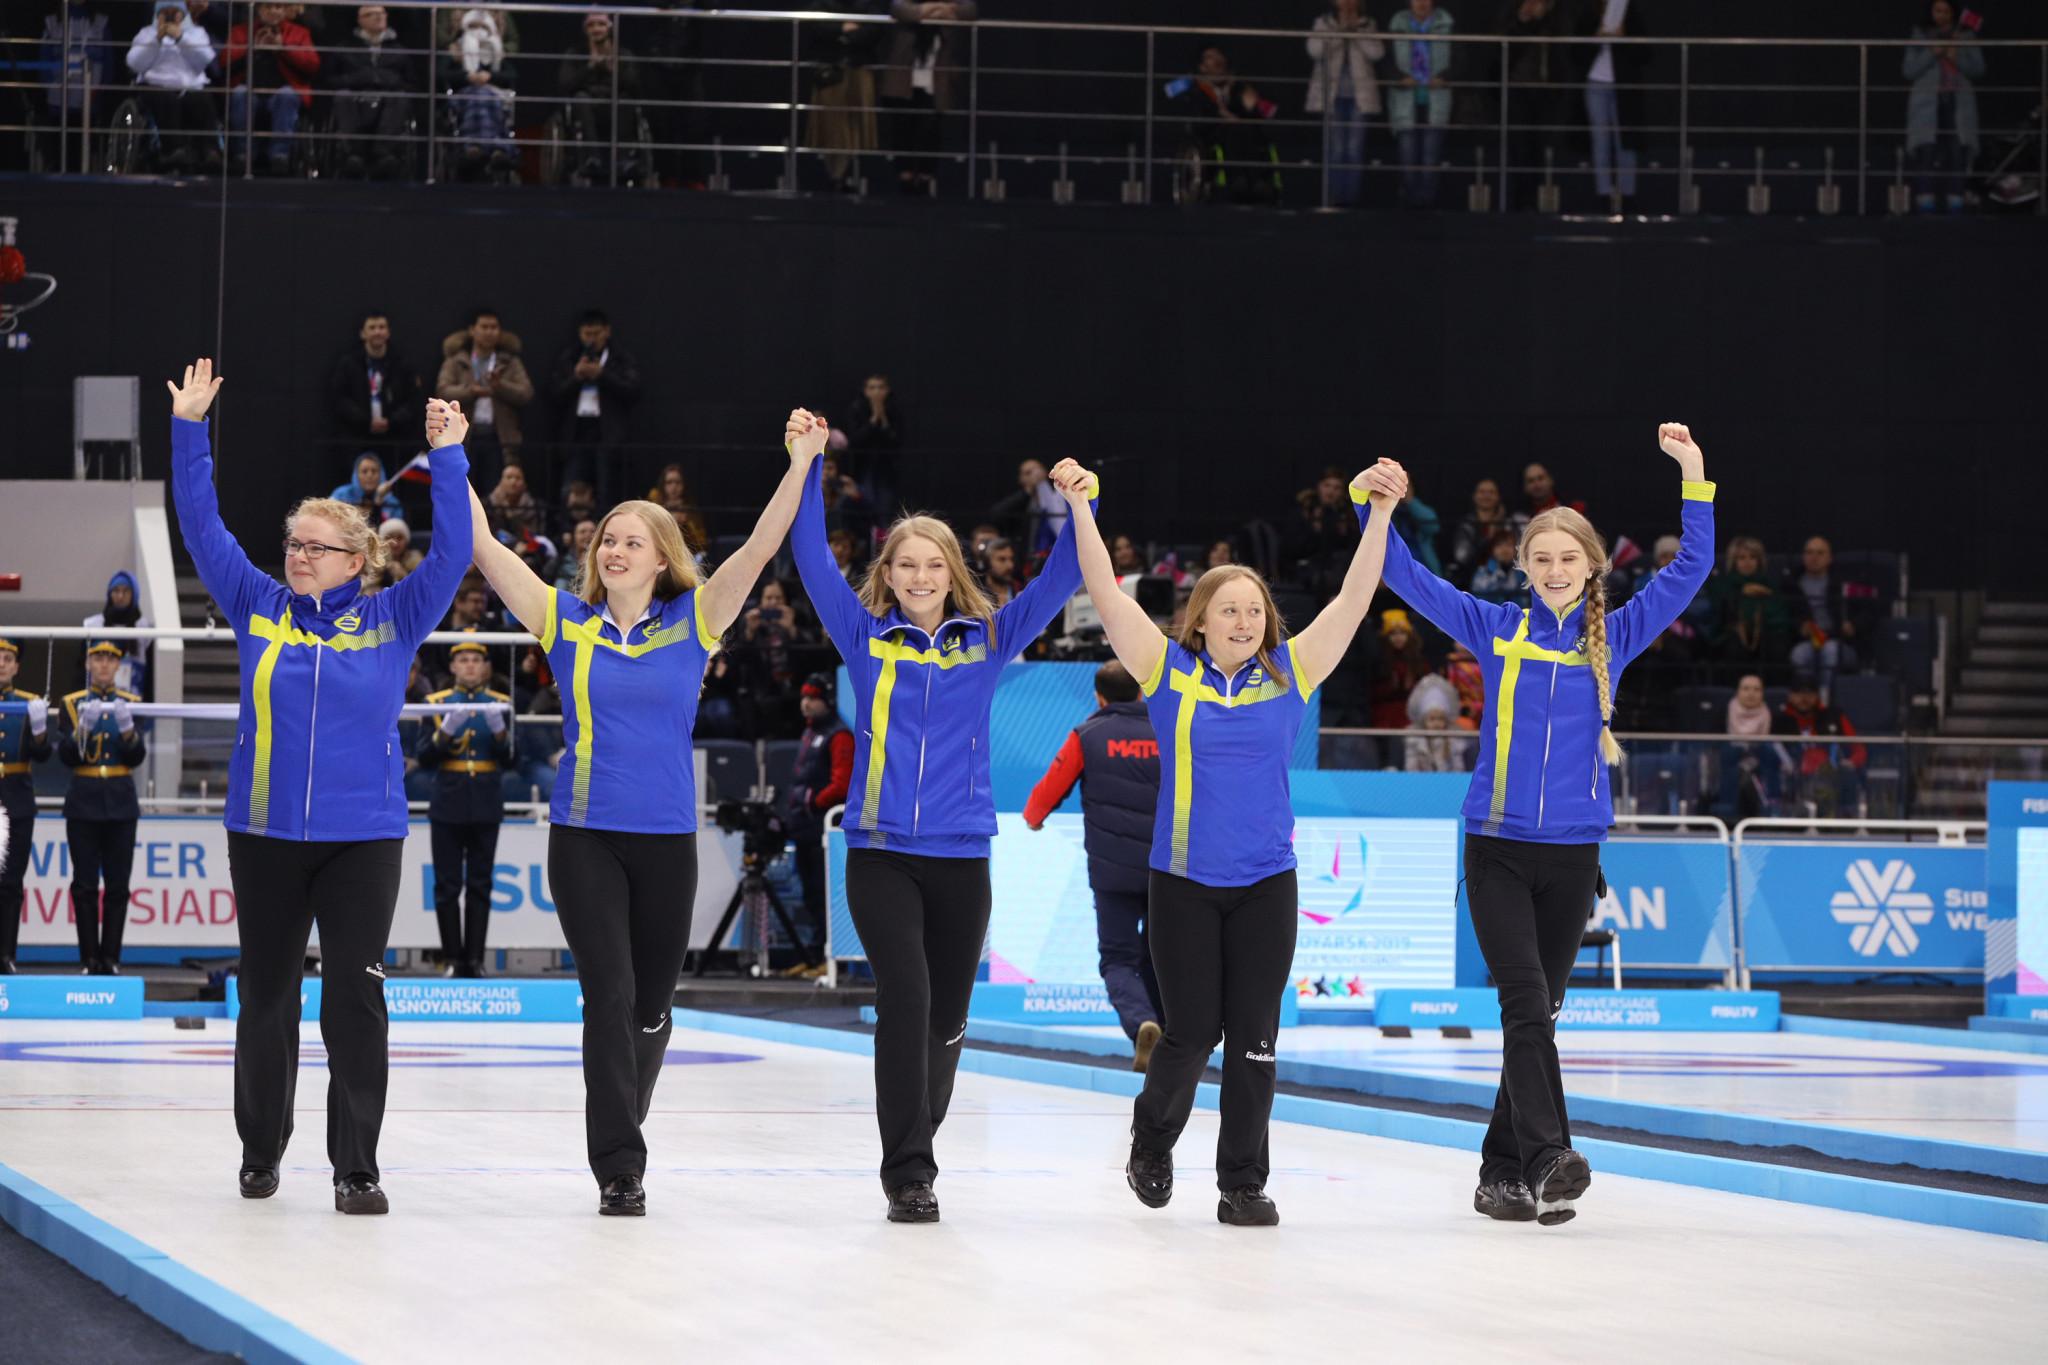 Sweden beat South Korea in the women's curling final to take gold ©Krasnoyarsk 2019